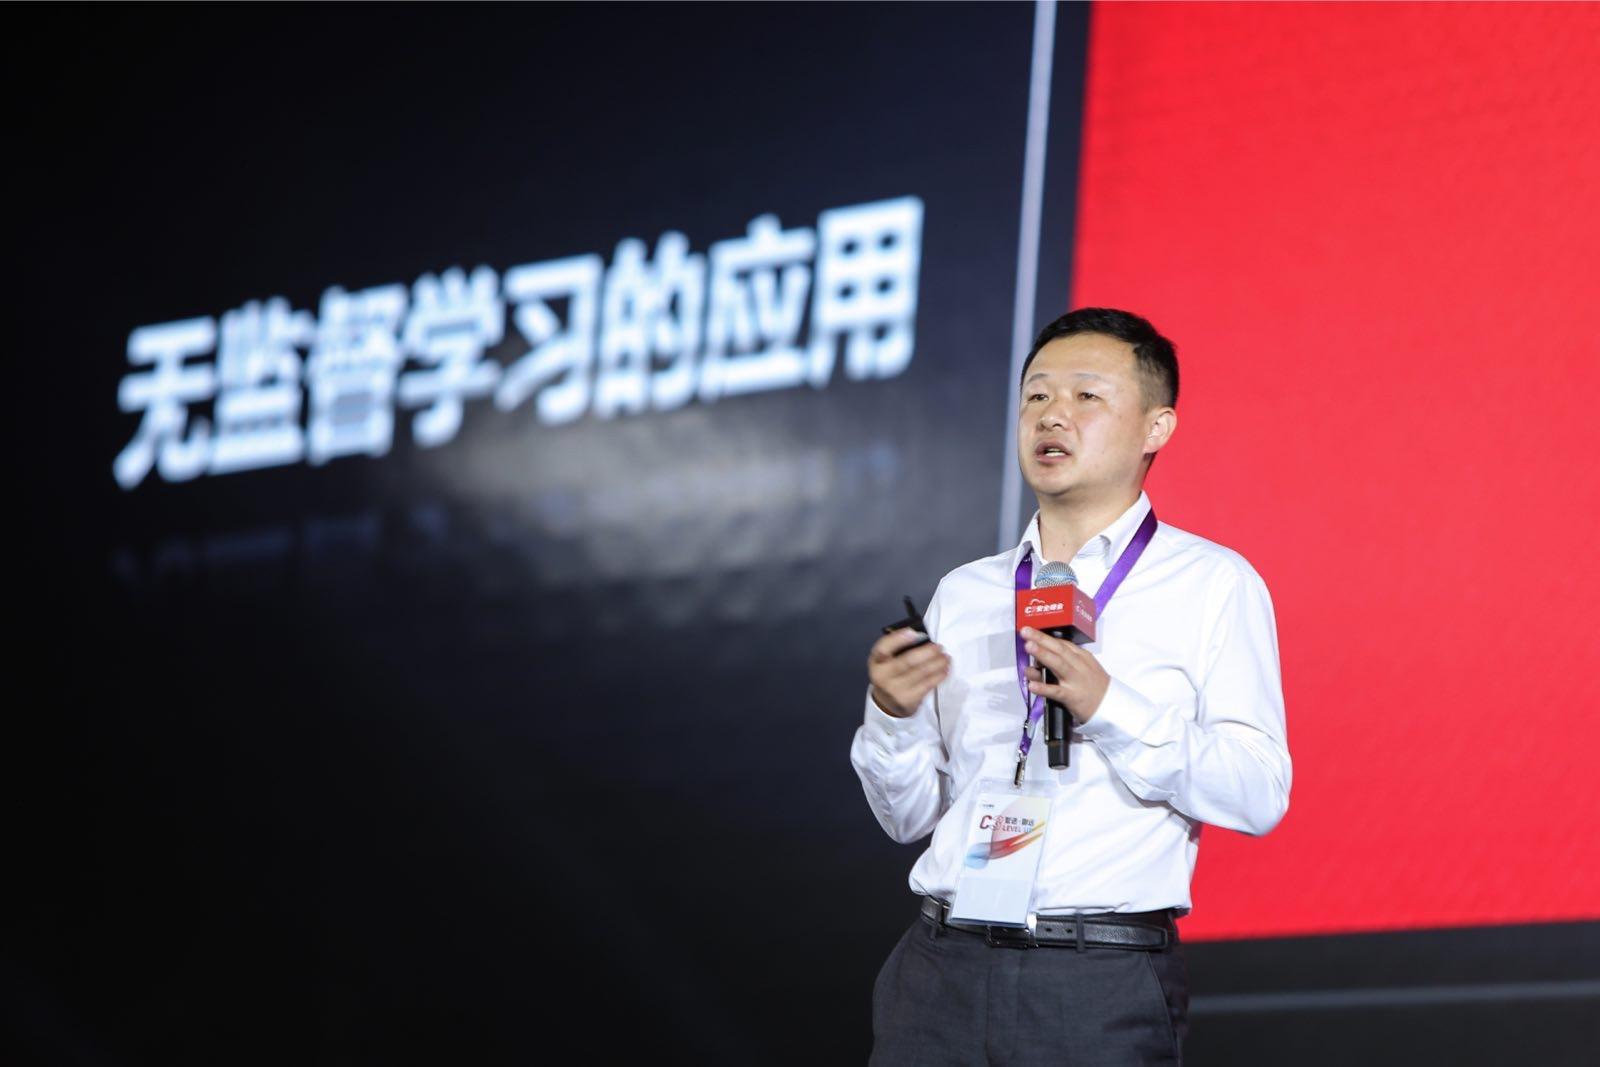 亚信网络安全产业技术研究院副院长童宁-3